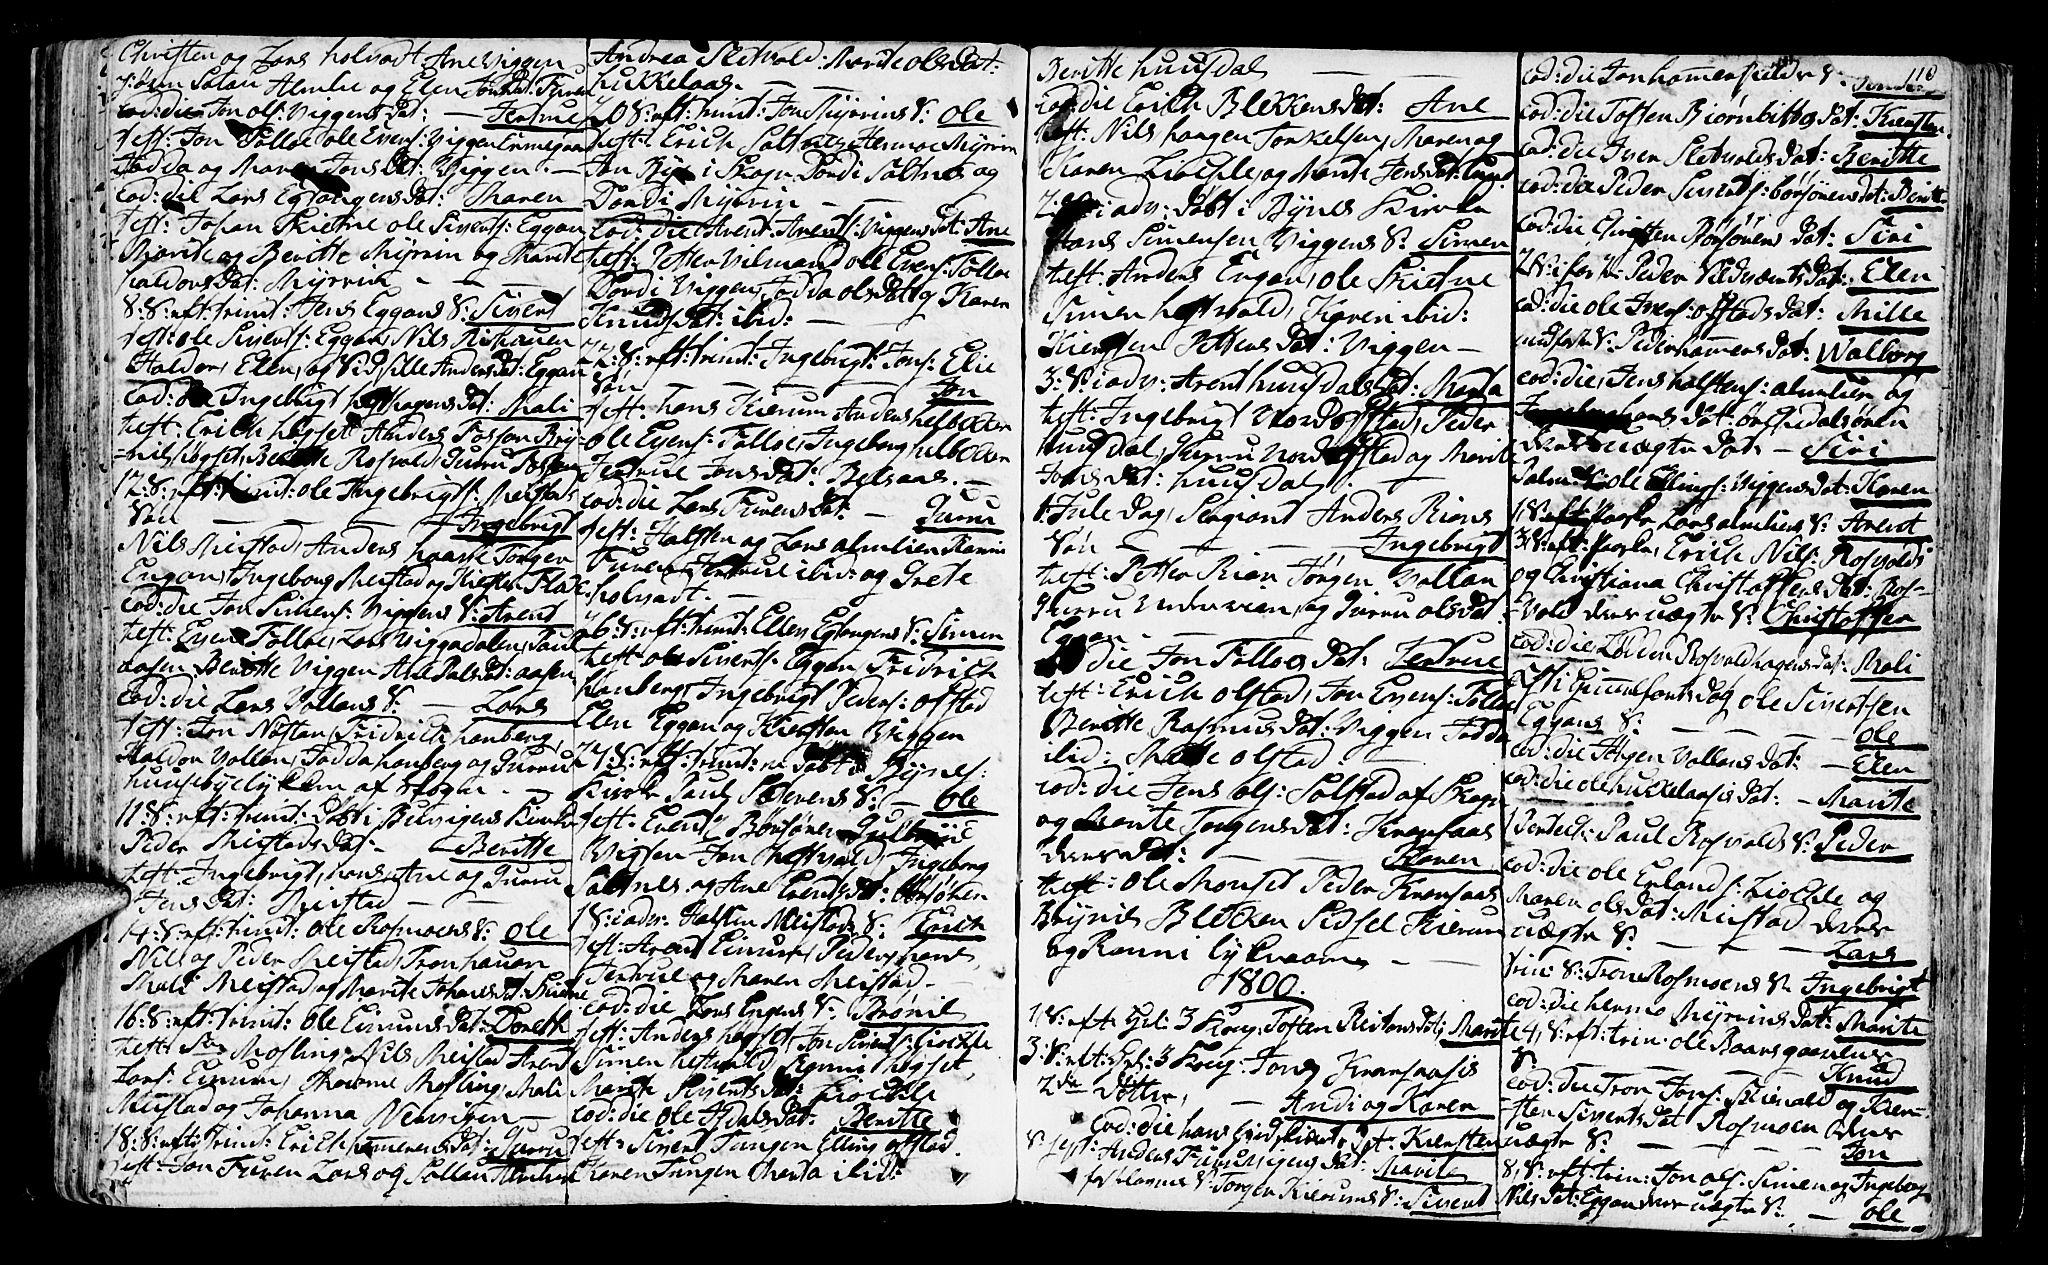 SAT, Ministerialprotokoller, klokkerbøker og fødselsregistre - Sør-Trøndelag, 665/L0768: Ministerialbok nr. 665A03, 1754-1803, s. 109